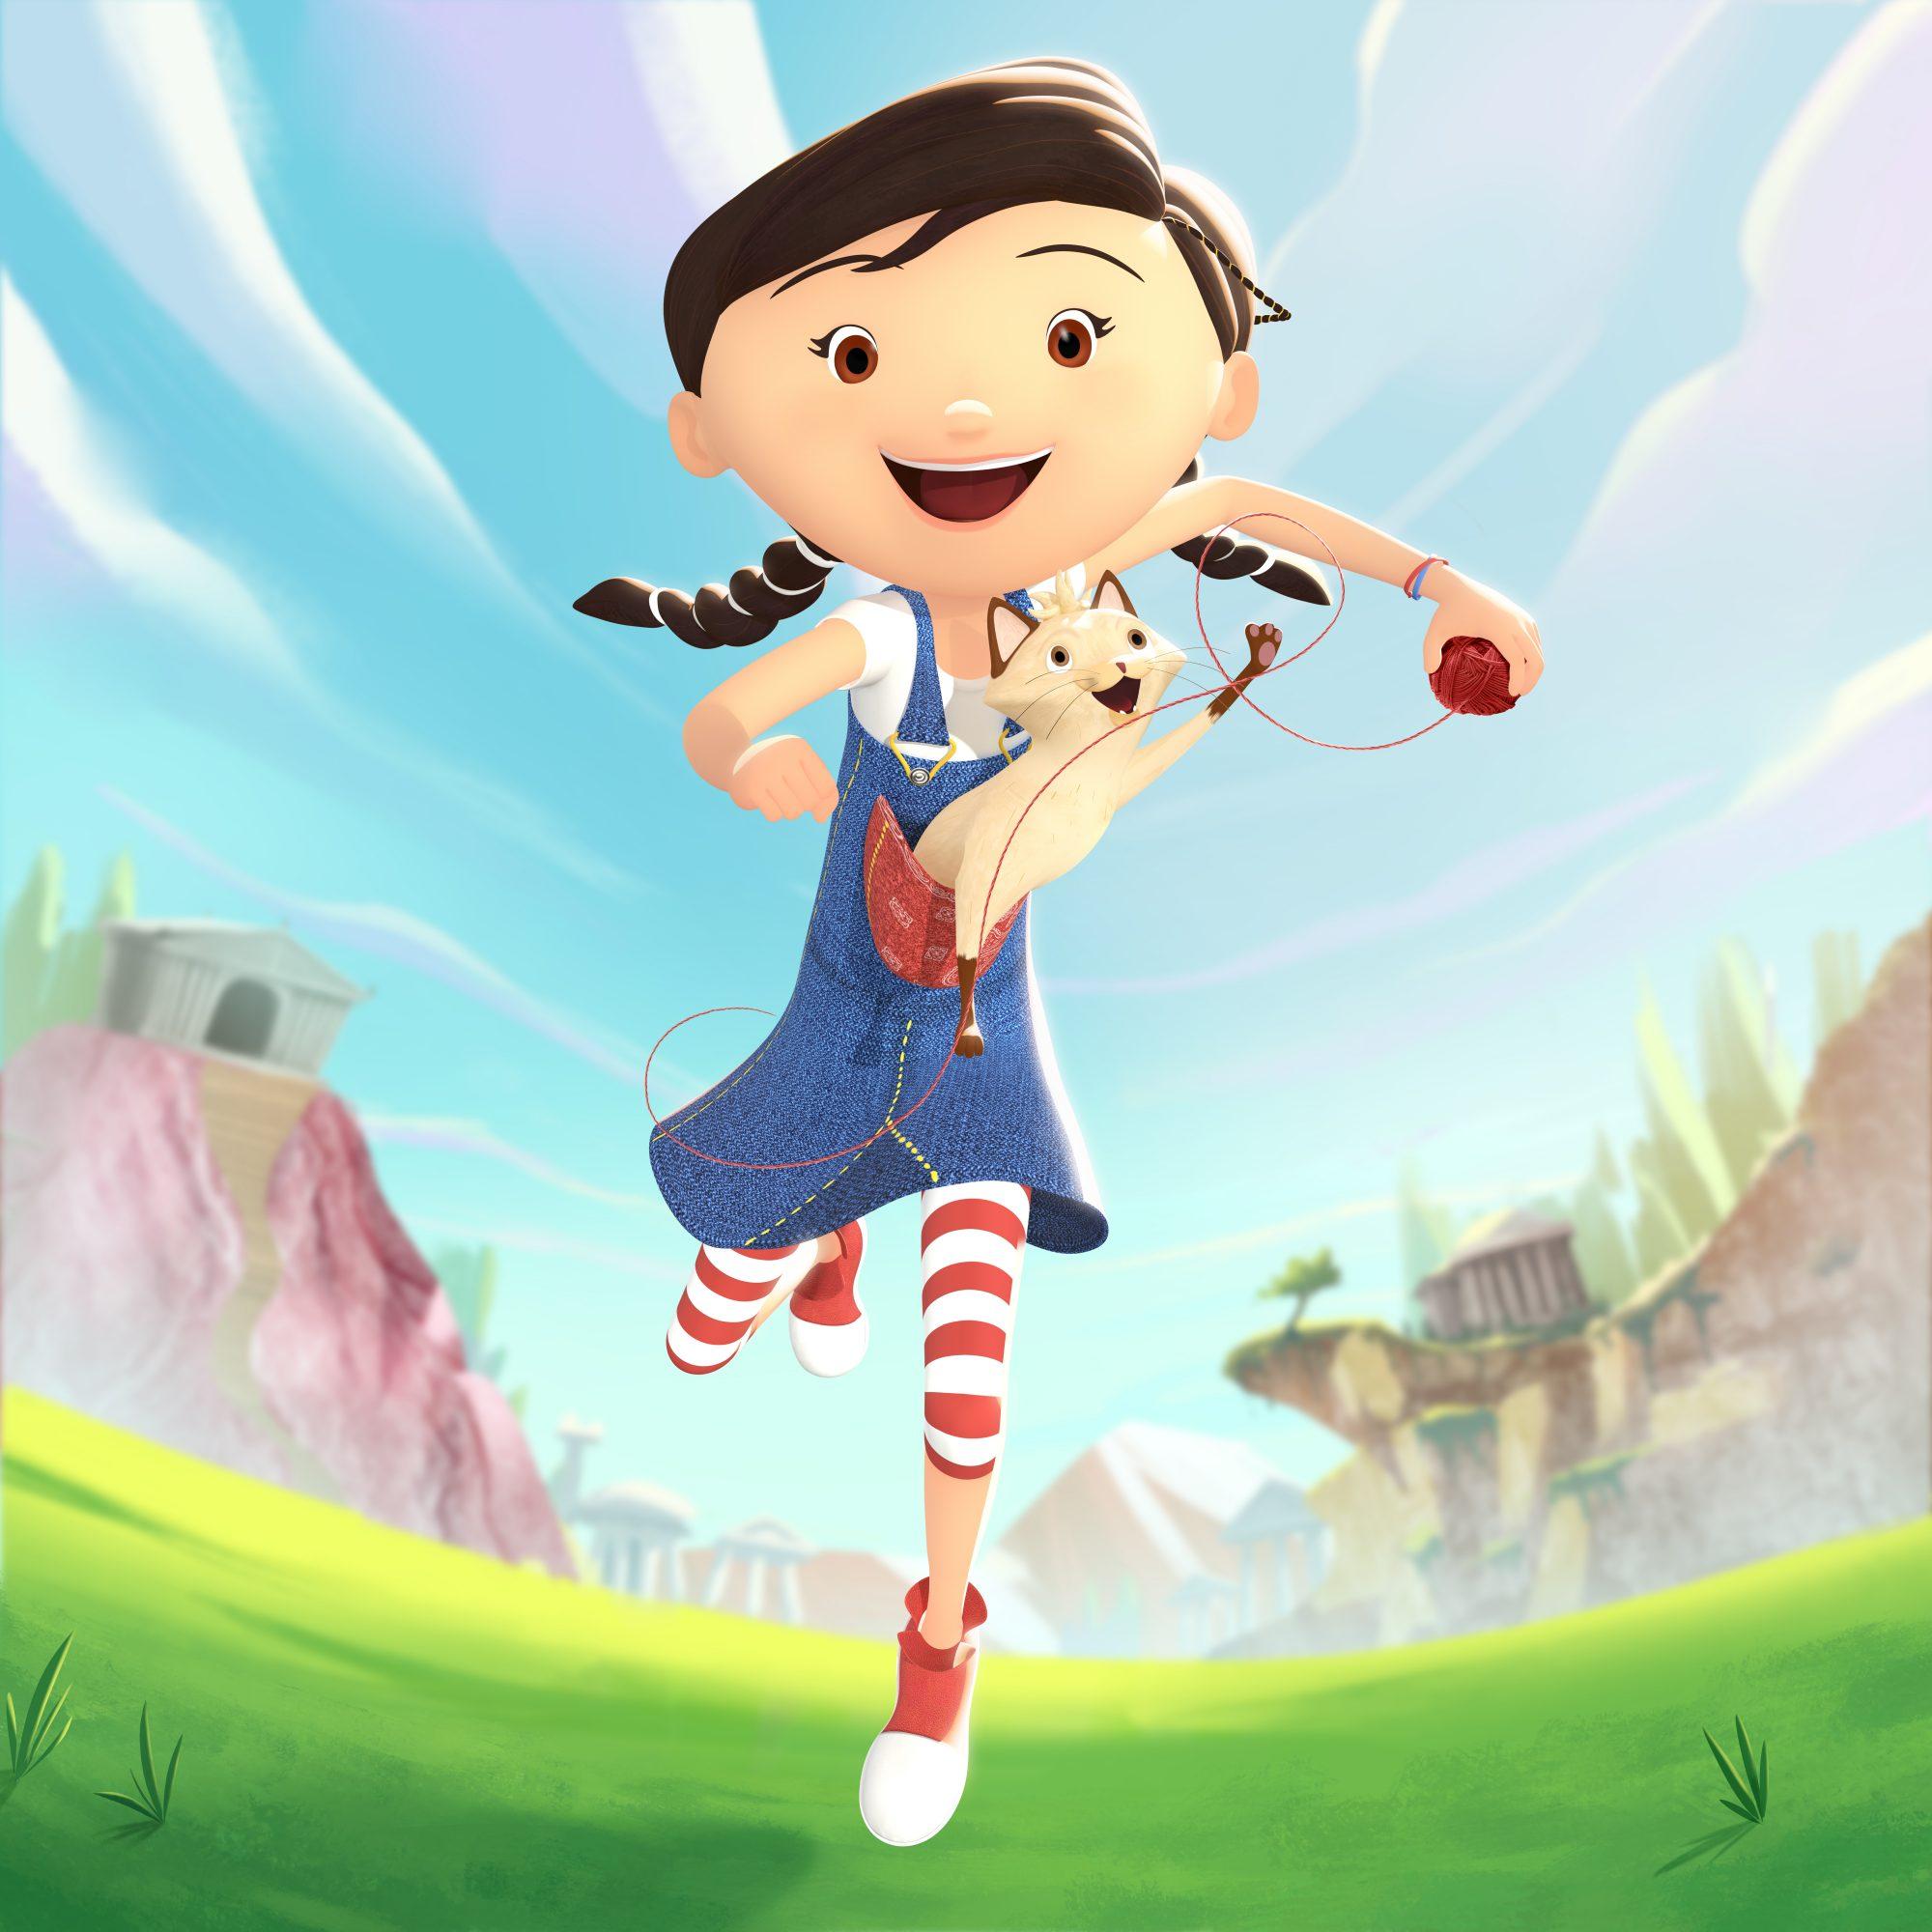 Diário de Pilar - Série de Animação 3D | NatGeo Kids 1  - Mono Animation